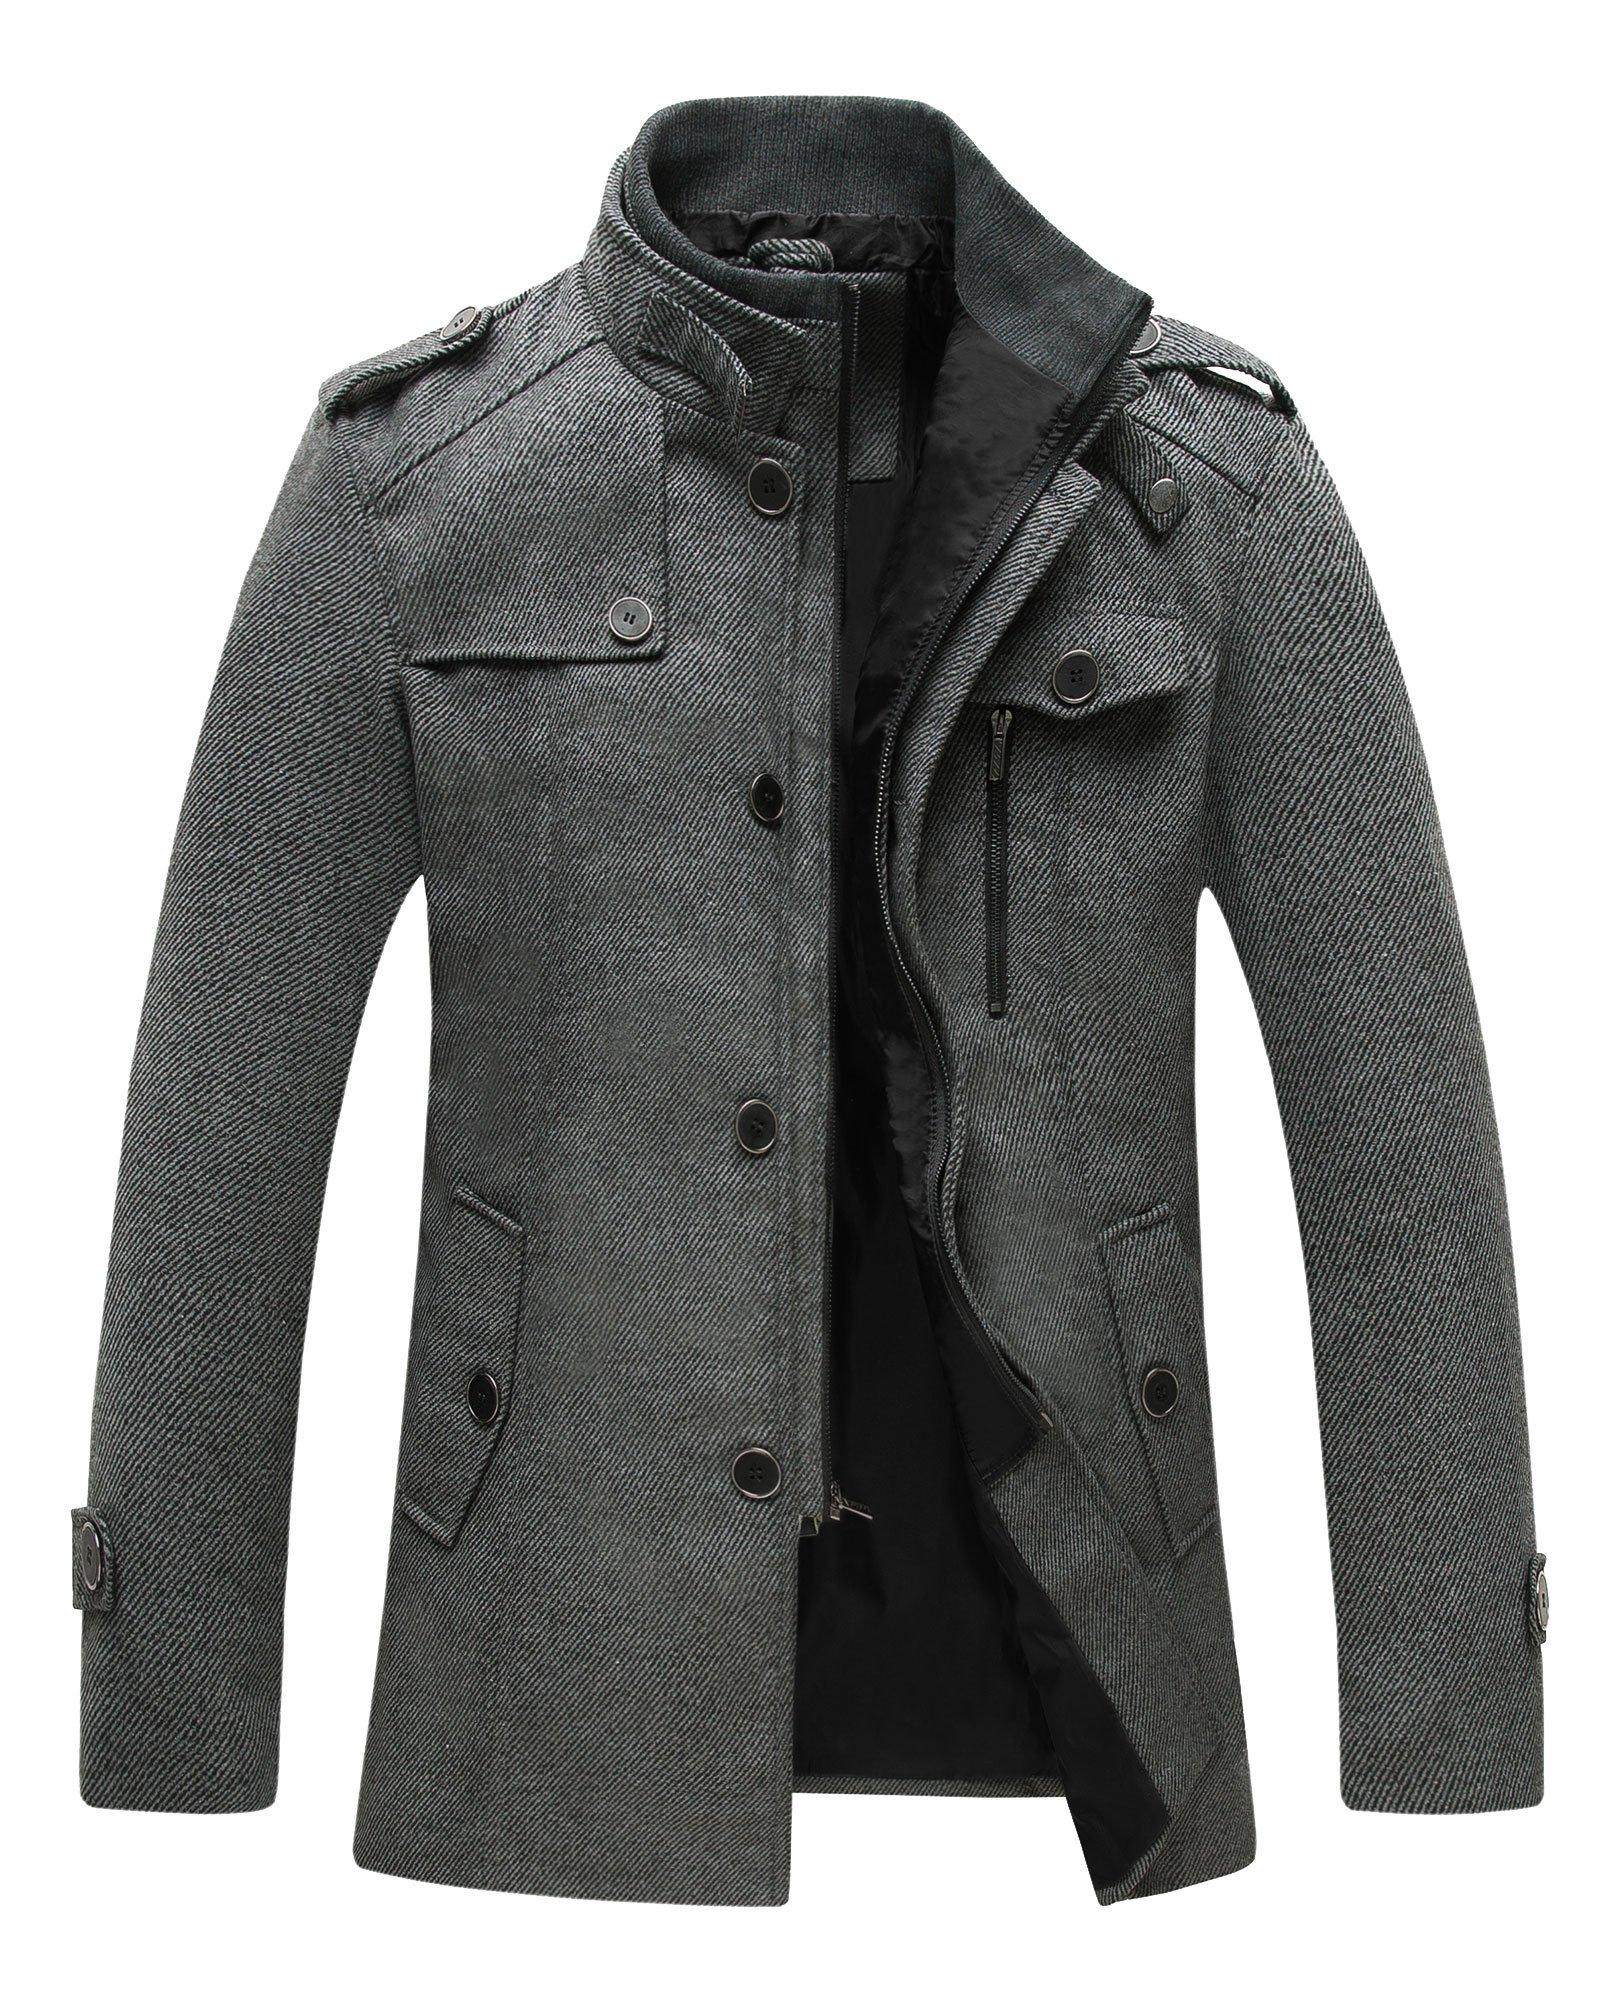 Wantdo Men's Wool Coat Stand Collar Windproof Jacket Overcoat Grey Large